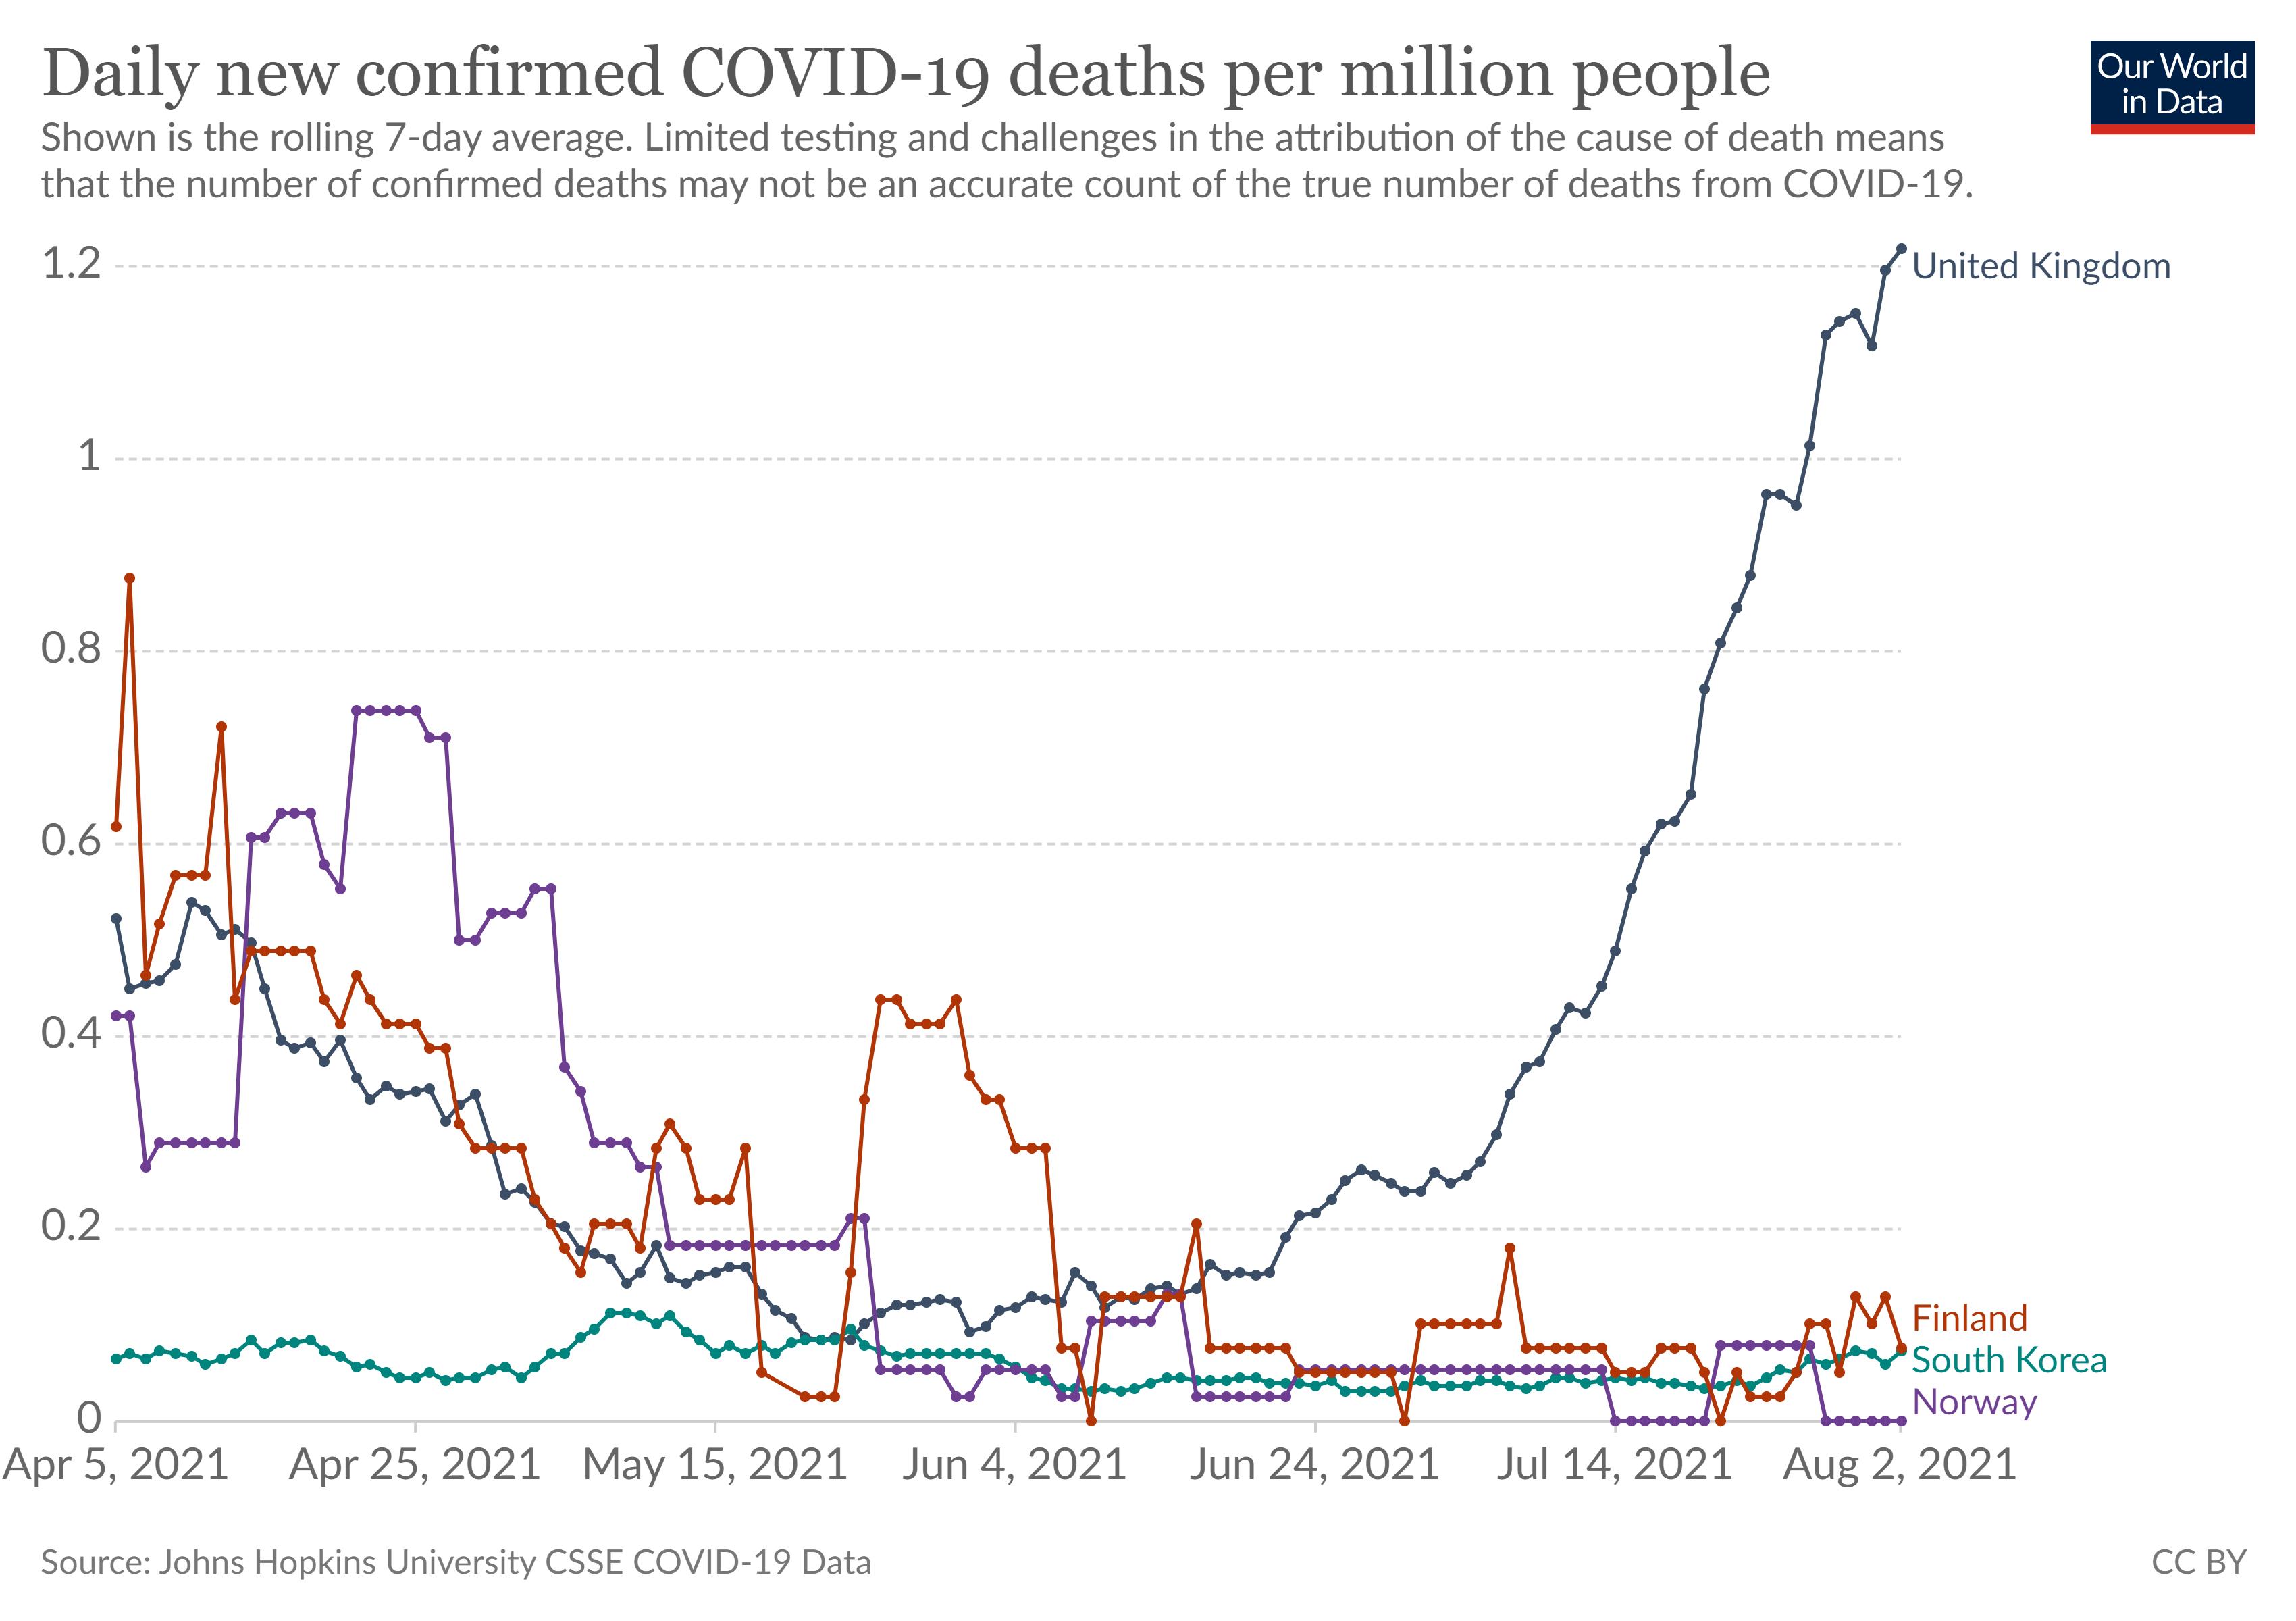 coronavirus-data-explorer-1.png